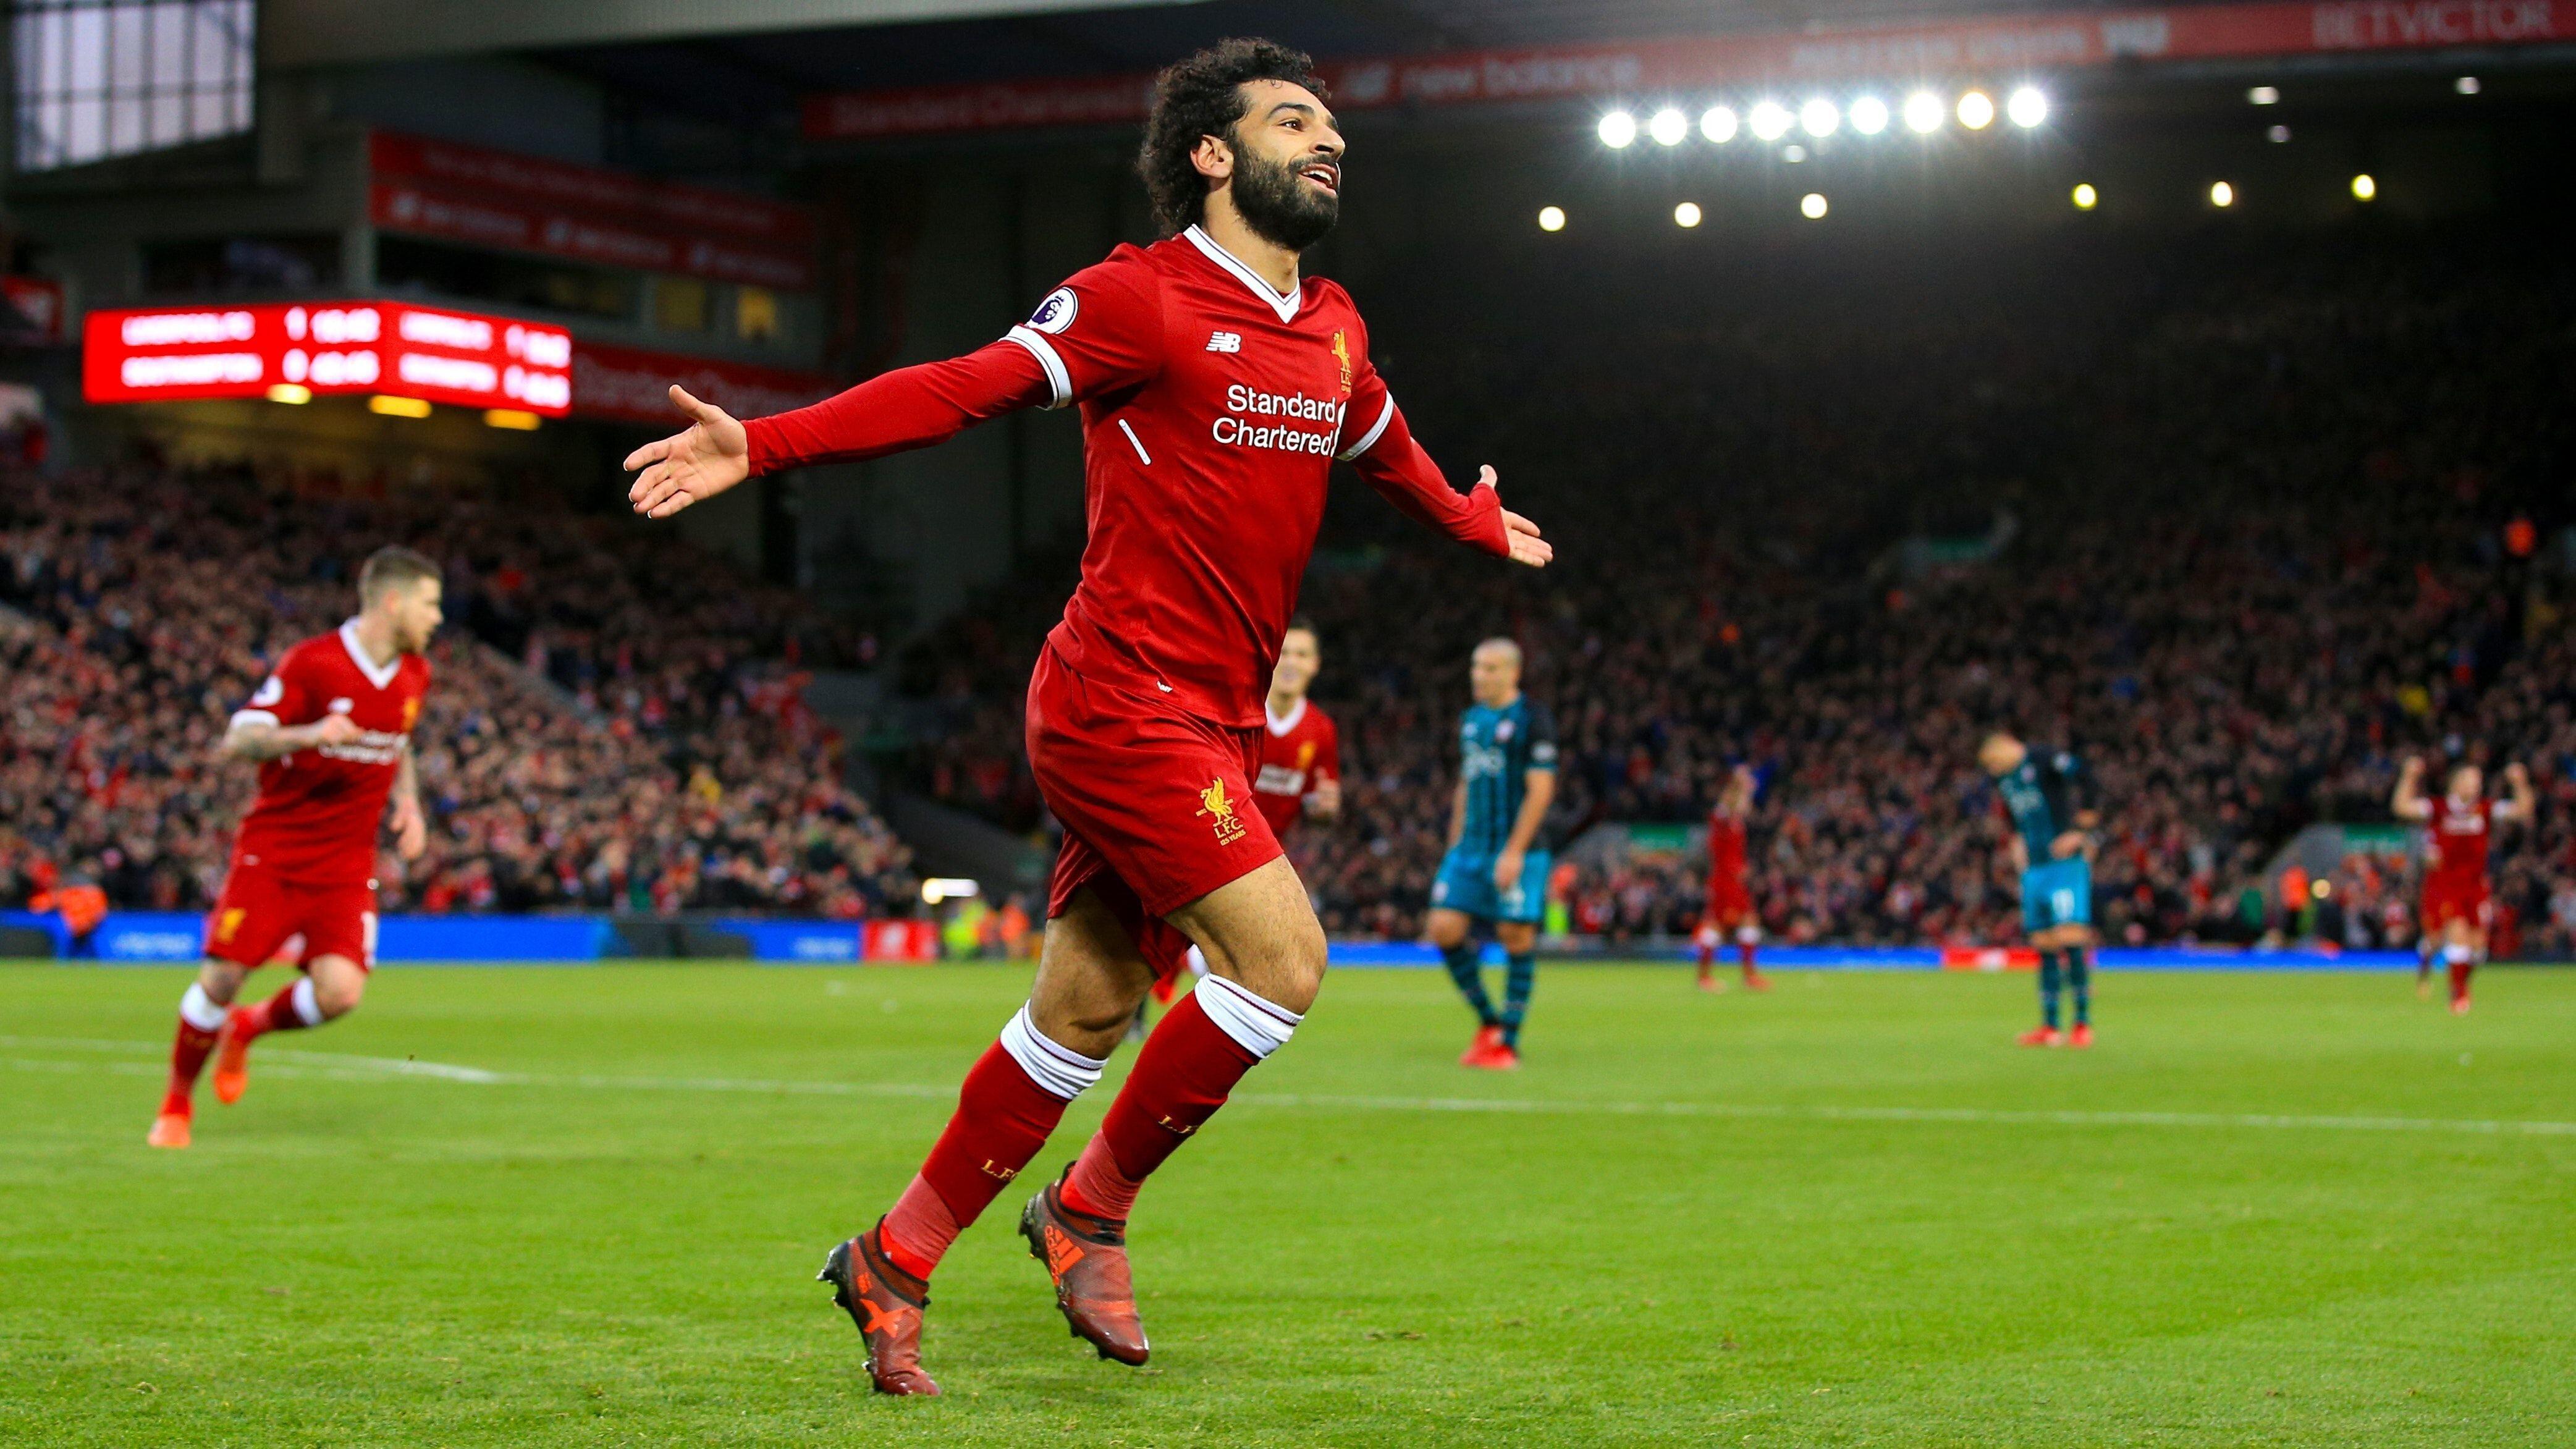 Mohamed Salah Popular Football Player 4K Wallpapers